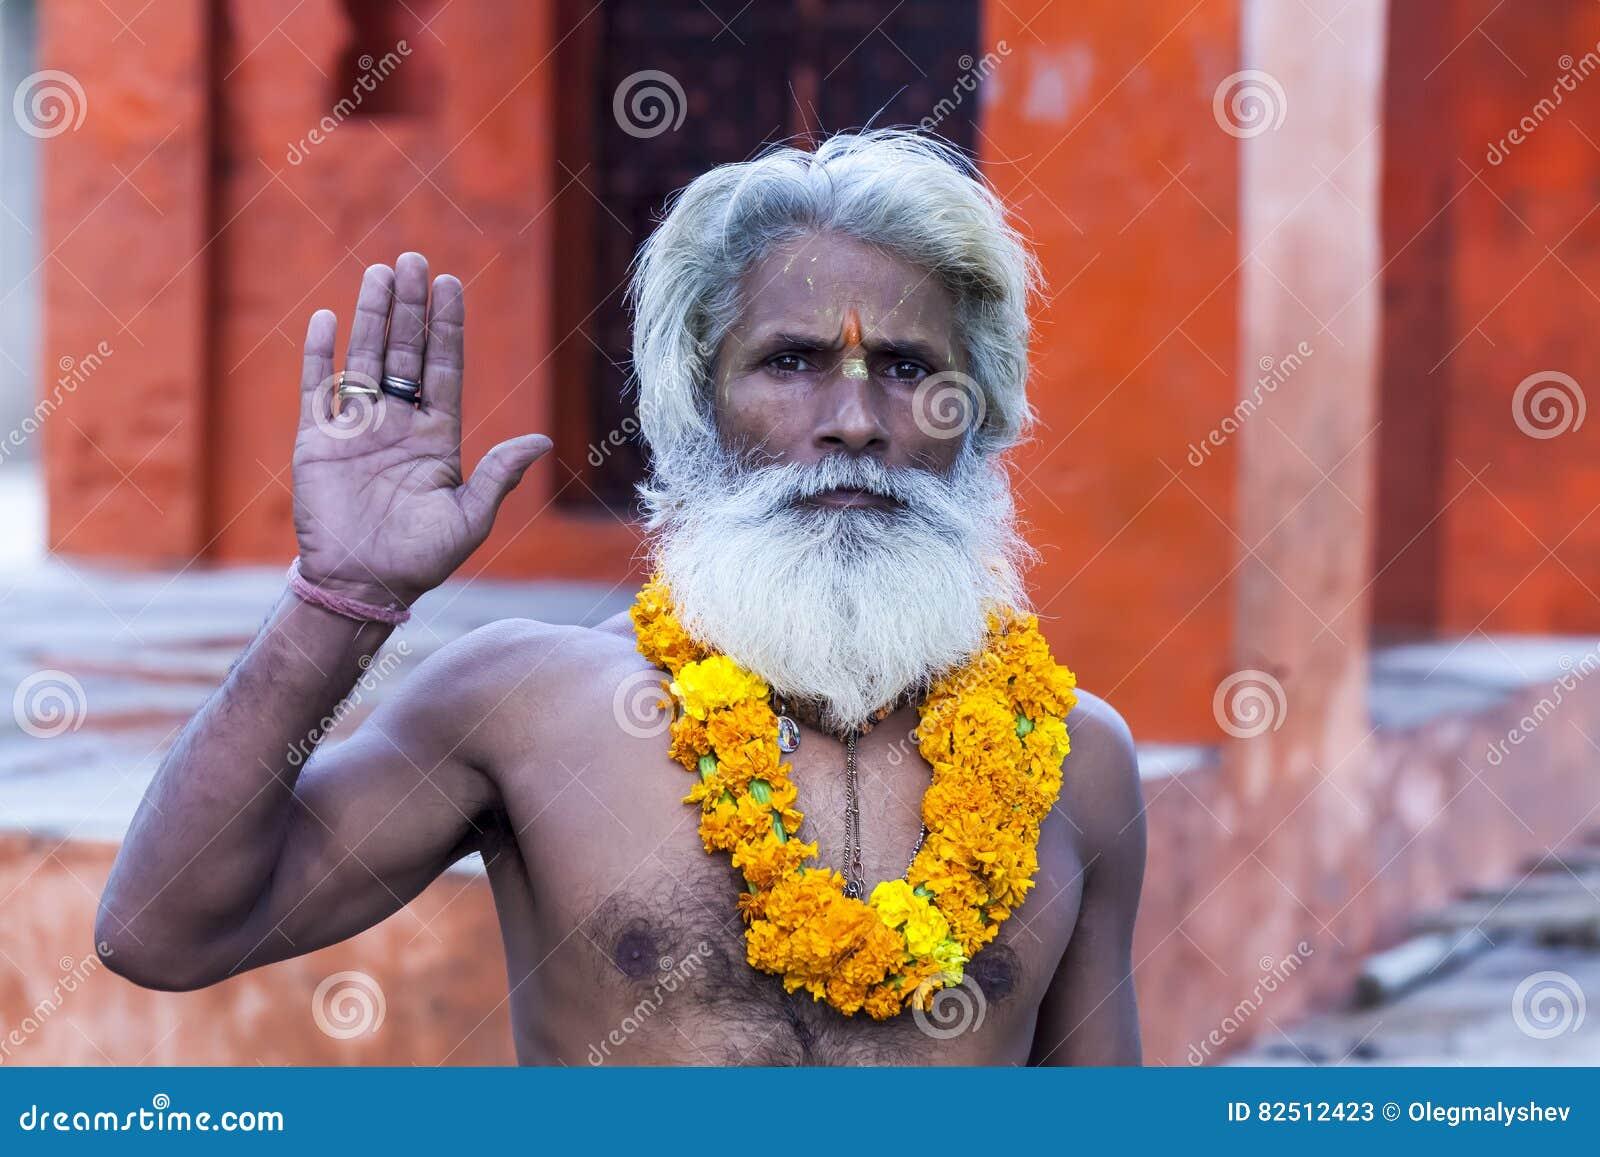 De Indische yogi Baba Ramis begaat riten heilige rituelen India, Anor